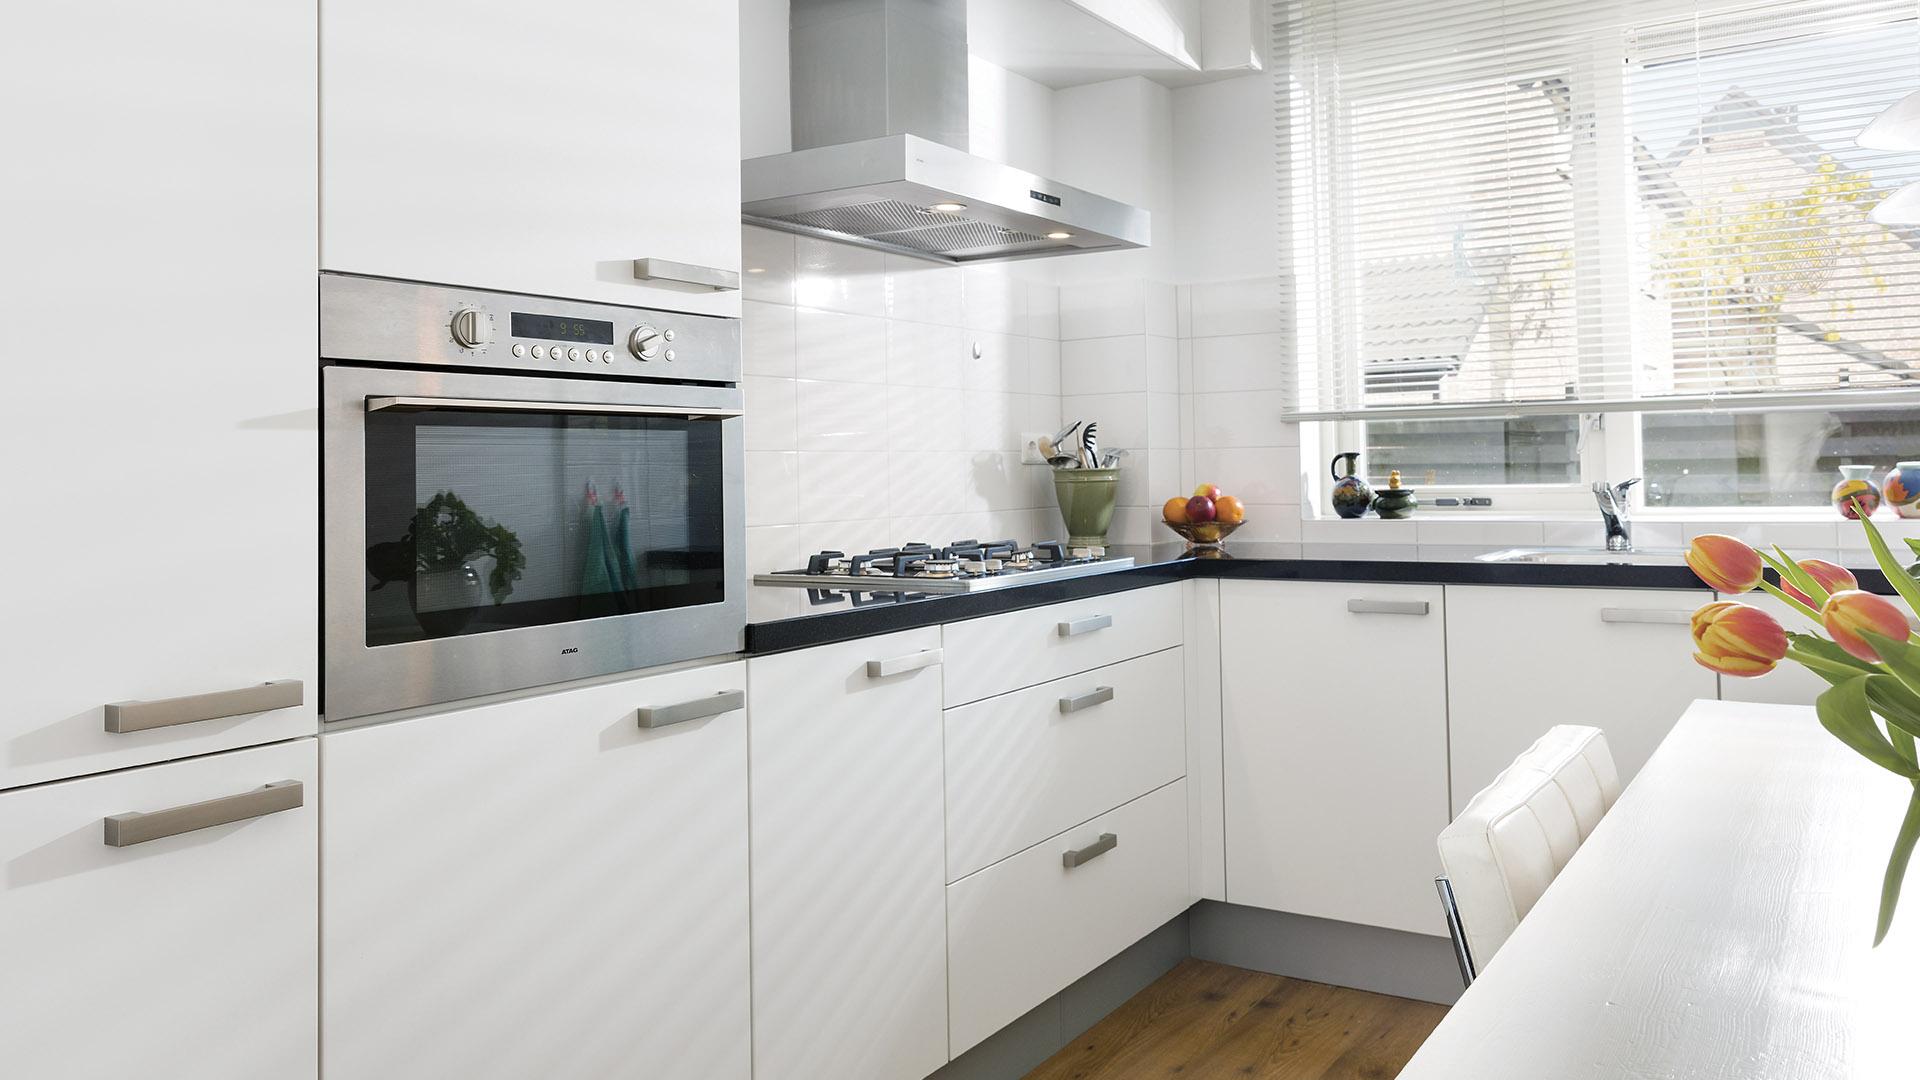 Bribus_turfstreek_keuken